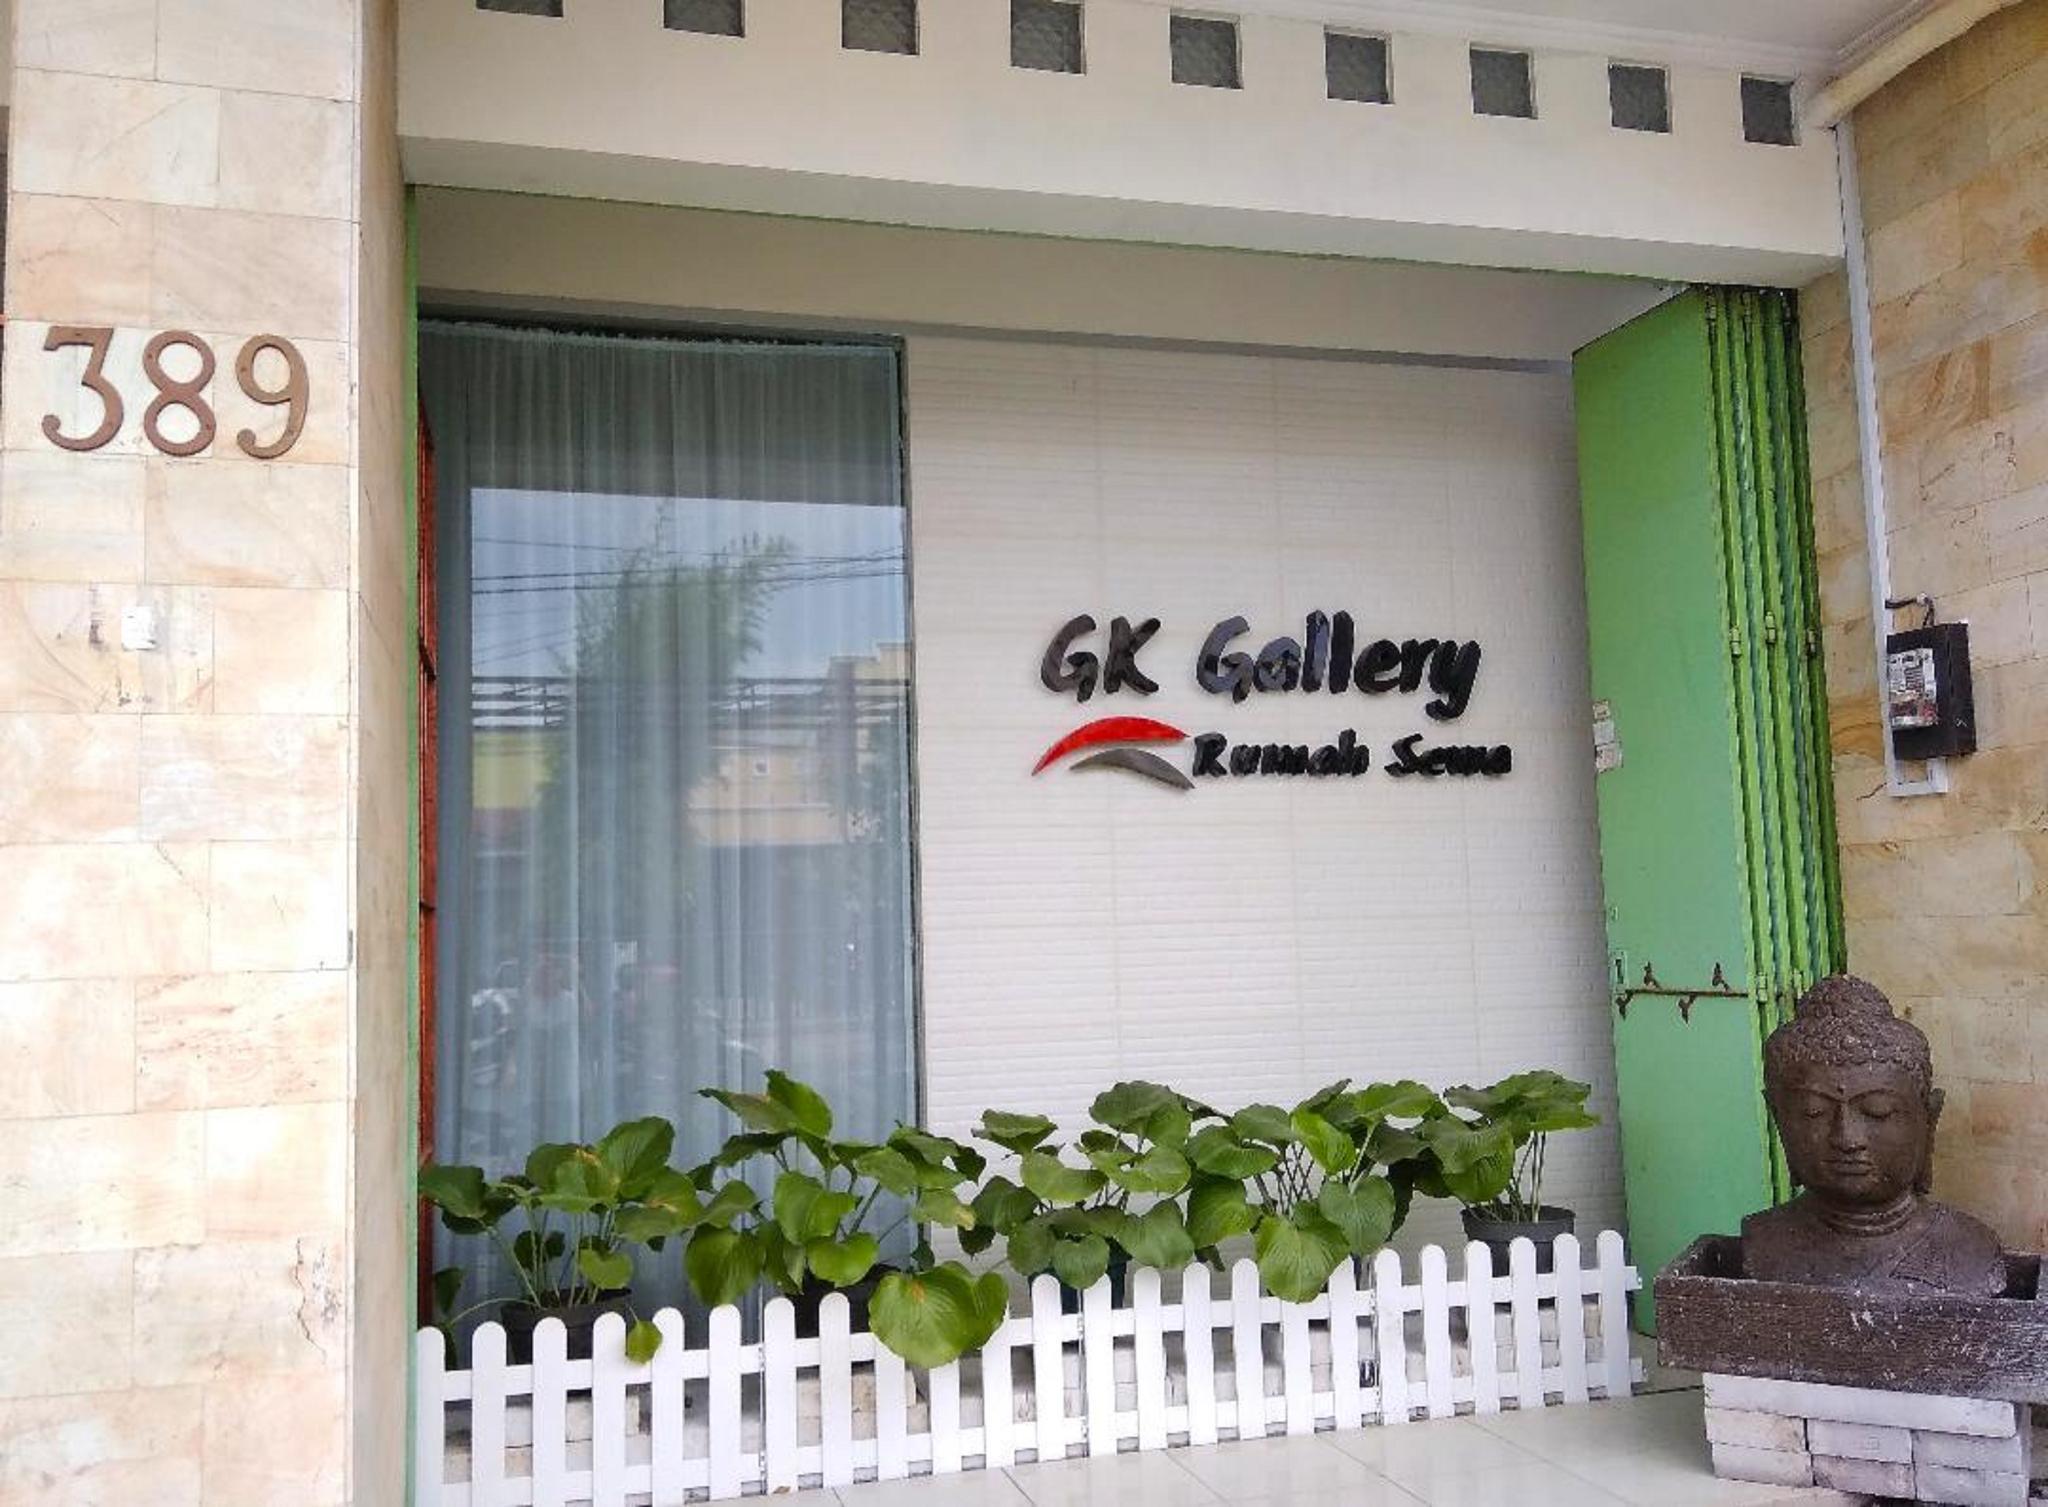 Premium At GK Gallery Rumah Sewa